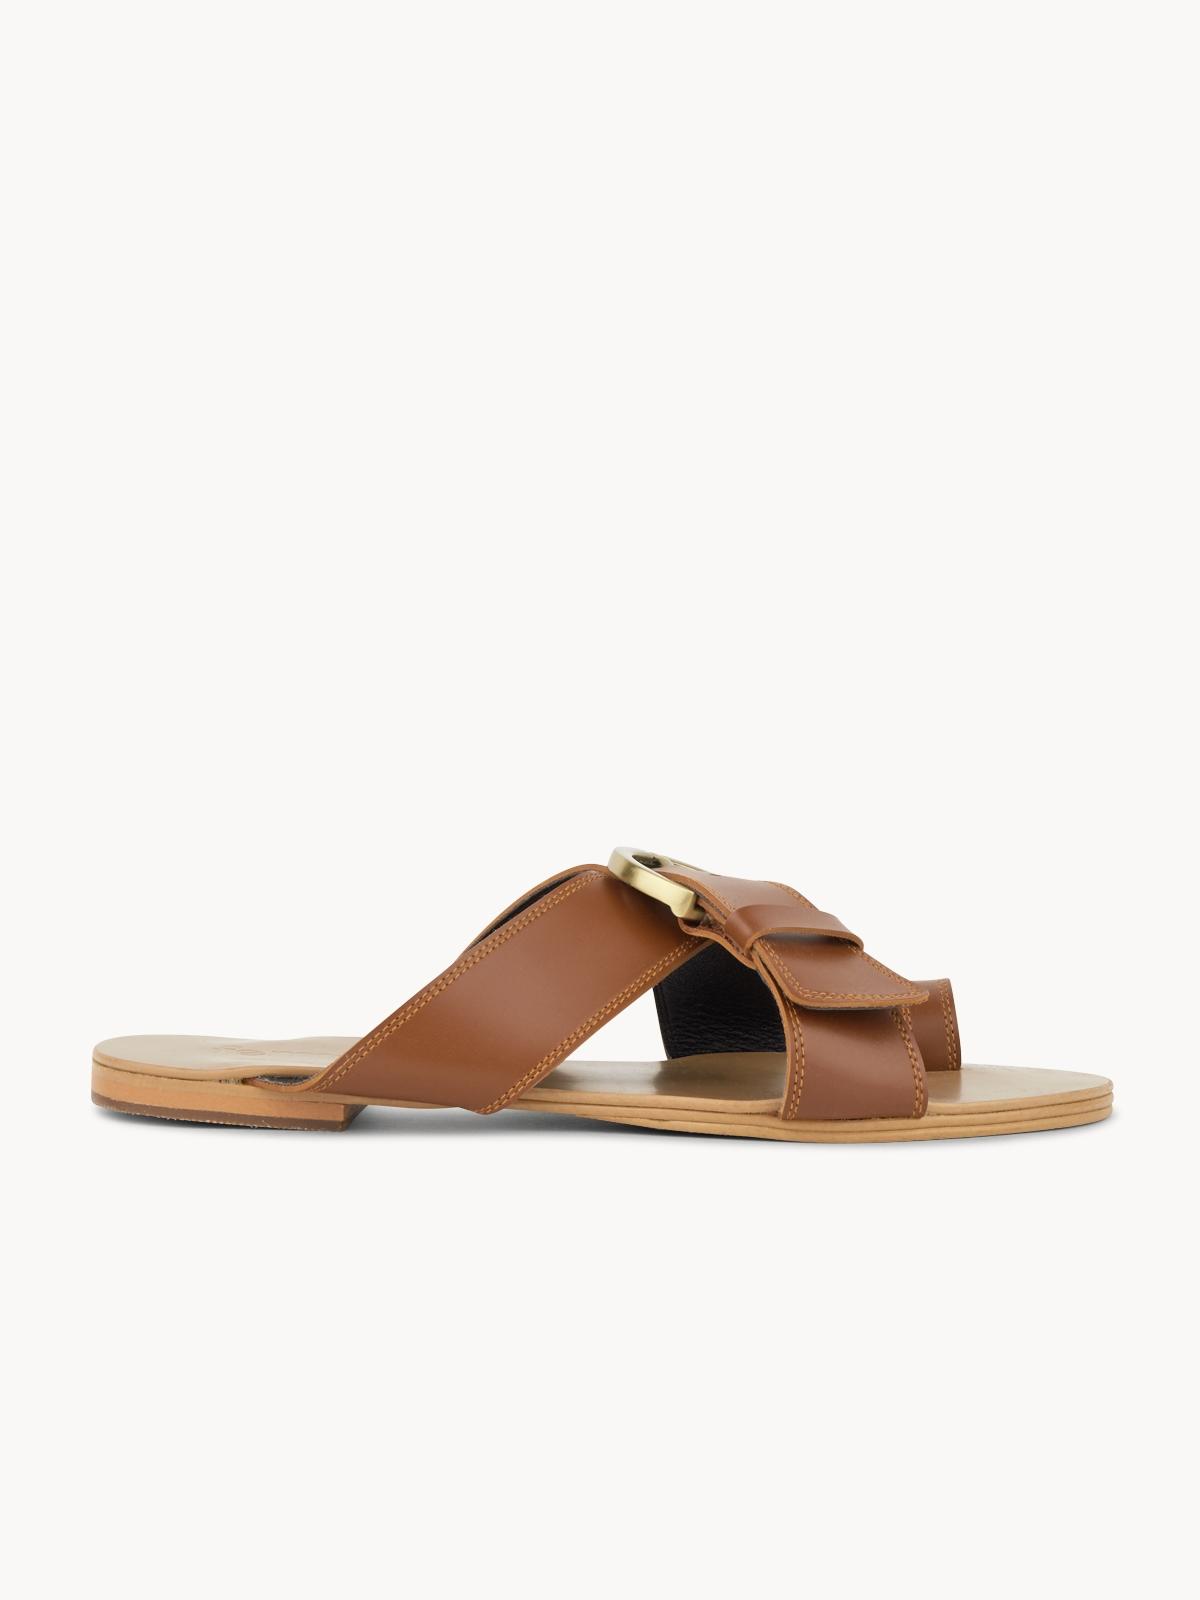 Femme Studio Femme Classic Sandals Choco